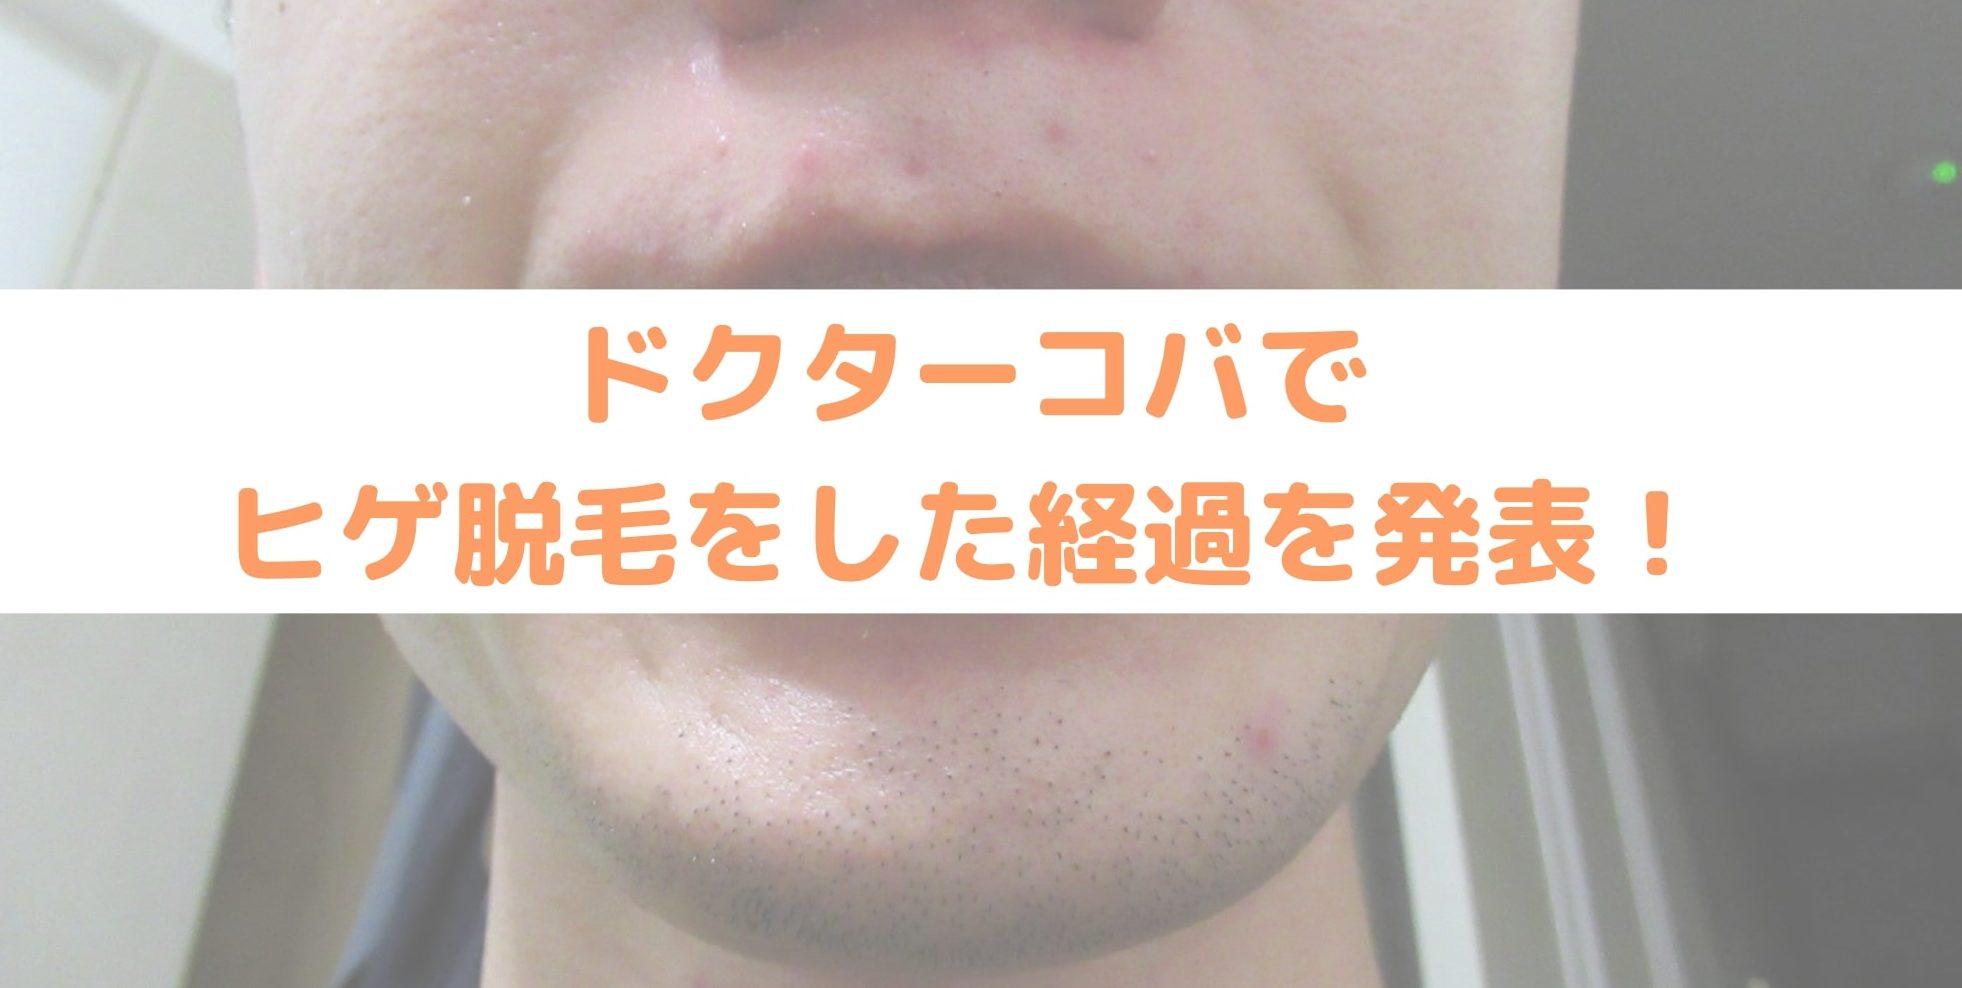 【ドクターコバ編】ヒゲ脱毛の経過報告|アレキサンドライト・ライトシェアで現在も治療中